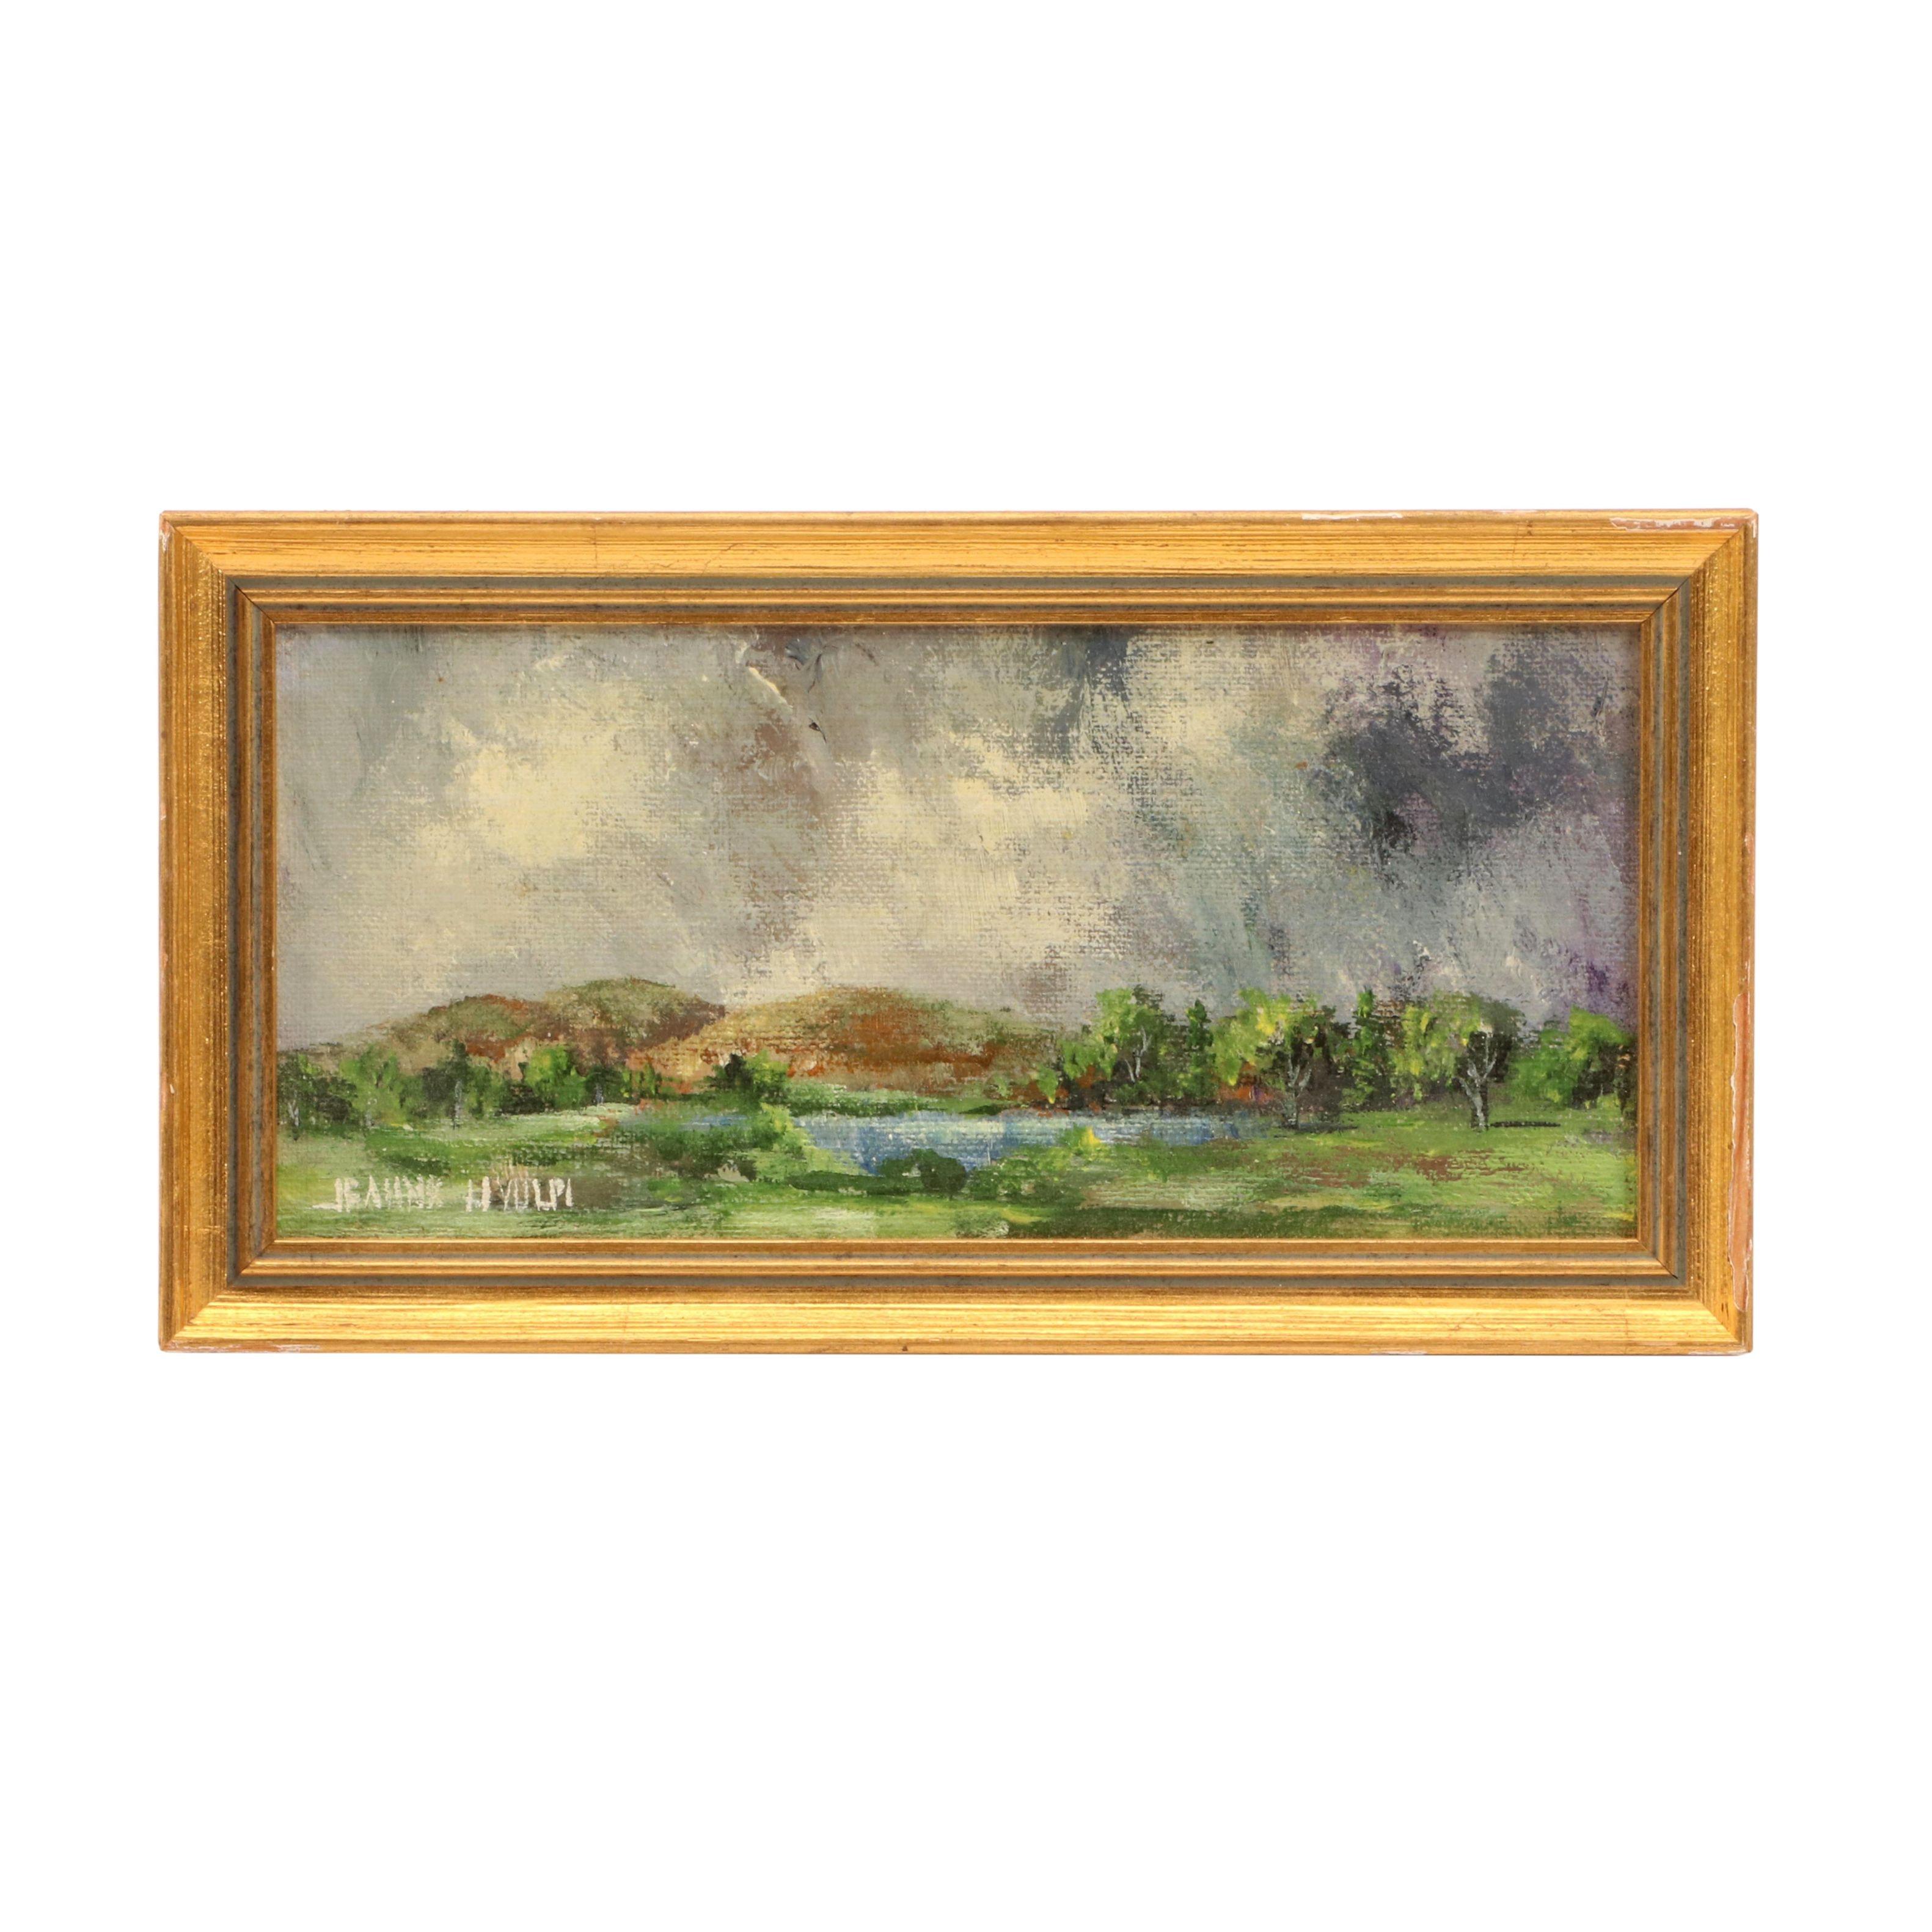 Miniature Oil Landscape Painting